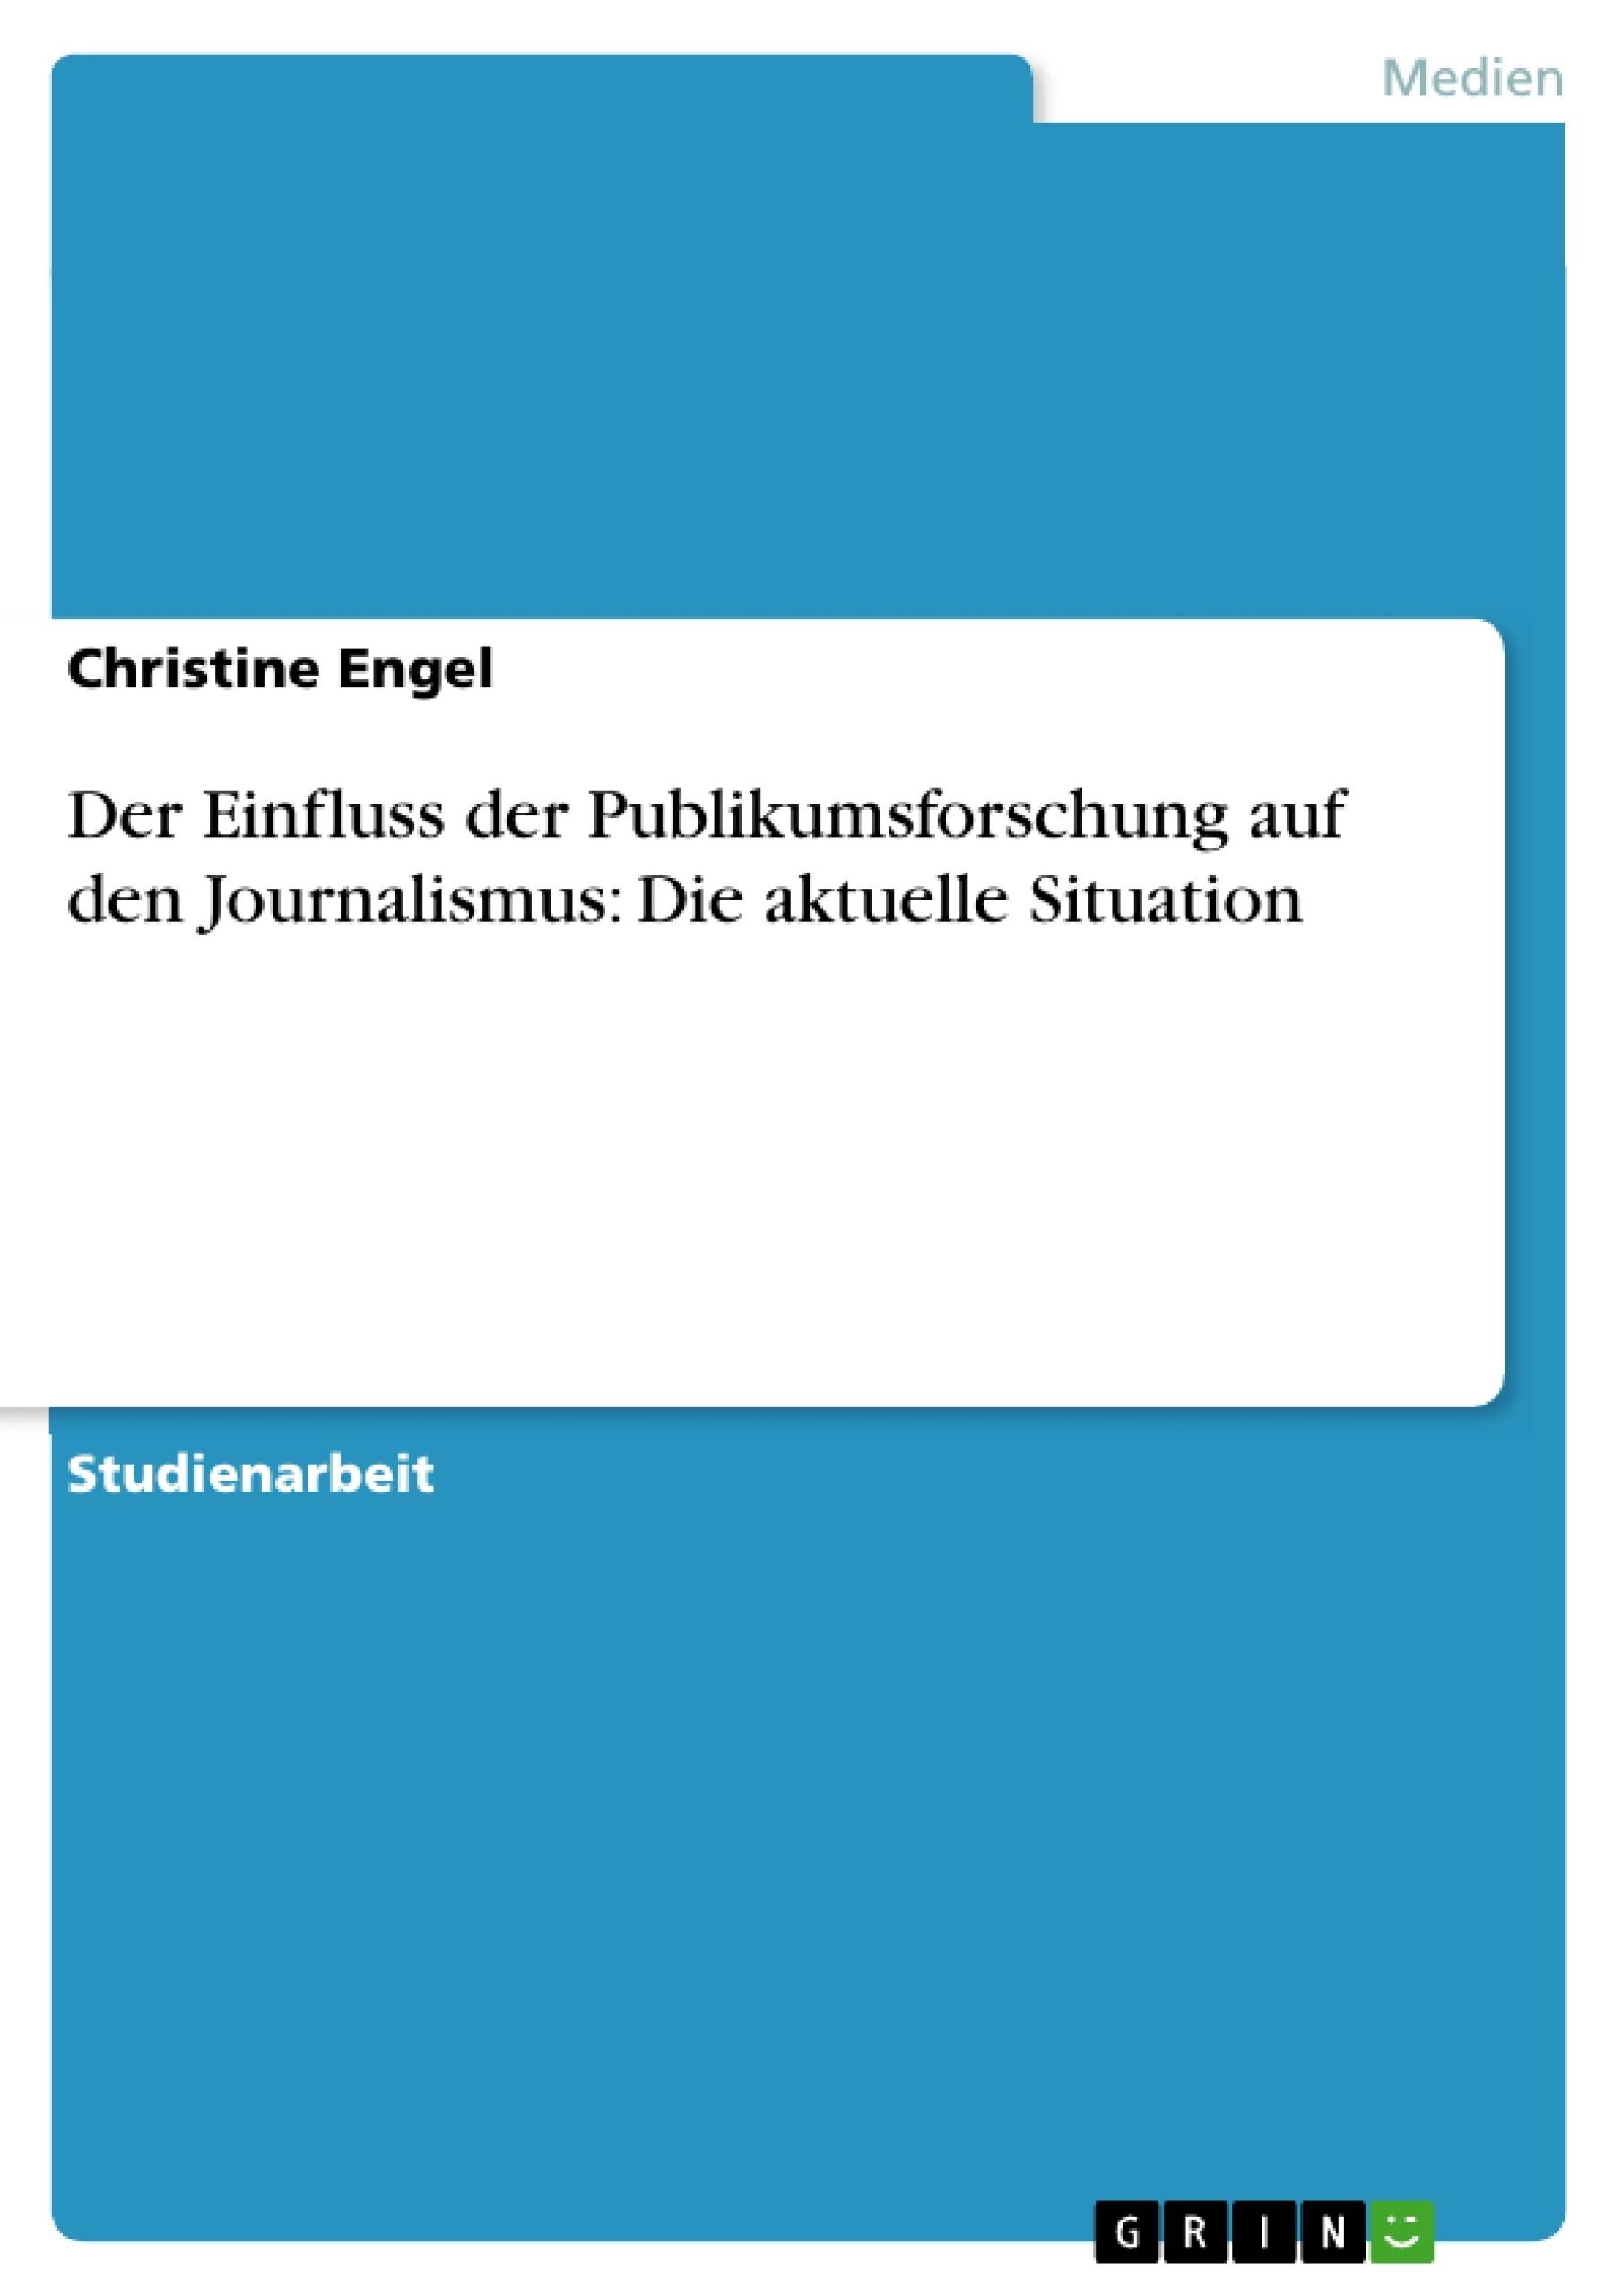 Titel: Der Einfluss der Publikumsforschung auf den Journalismus: Die aktuelle Situation